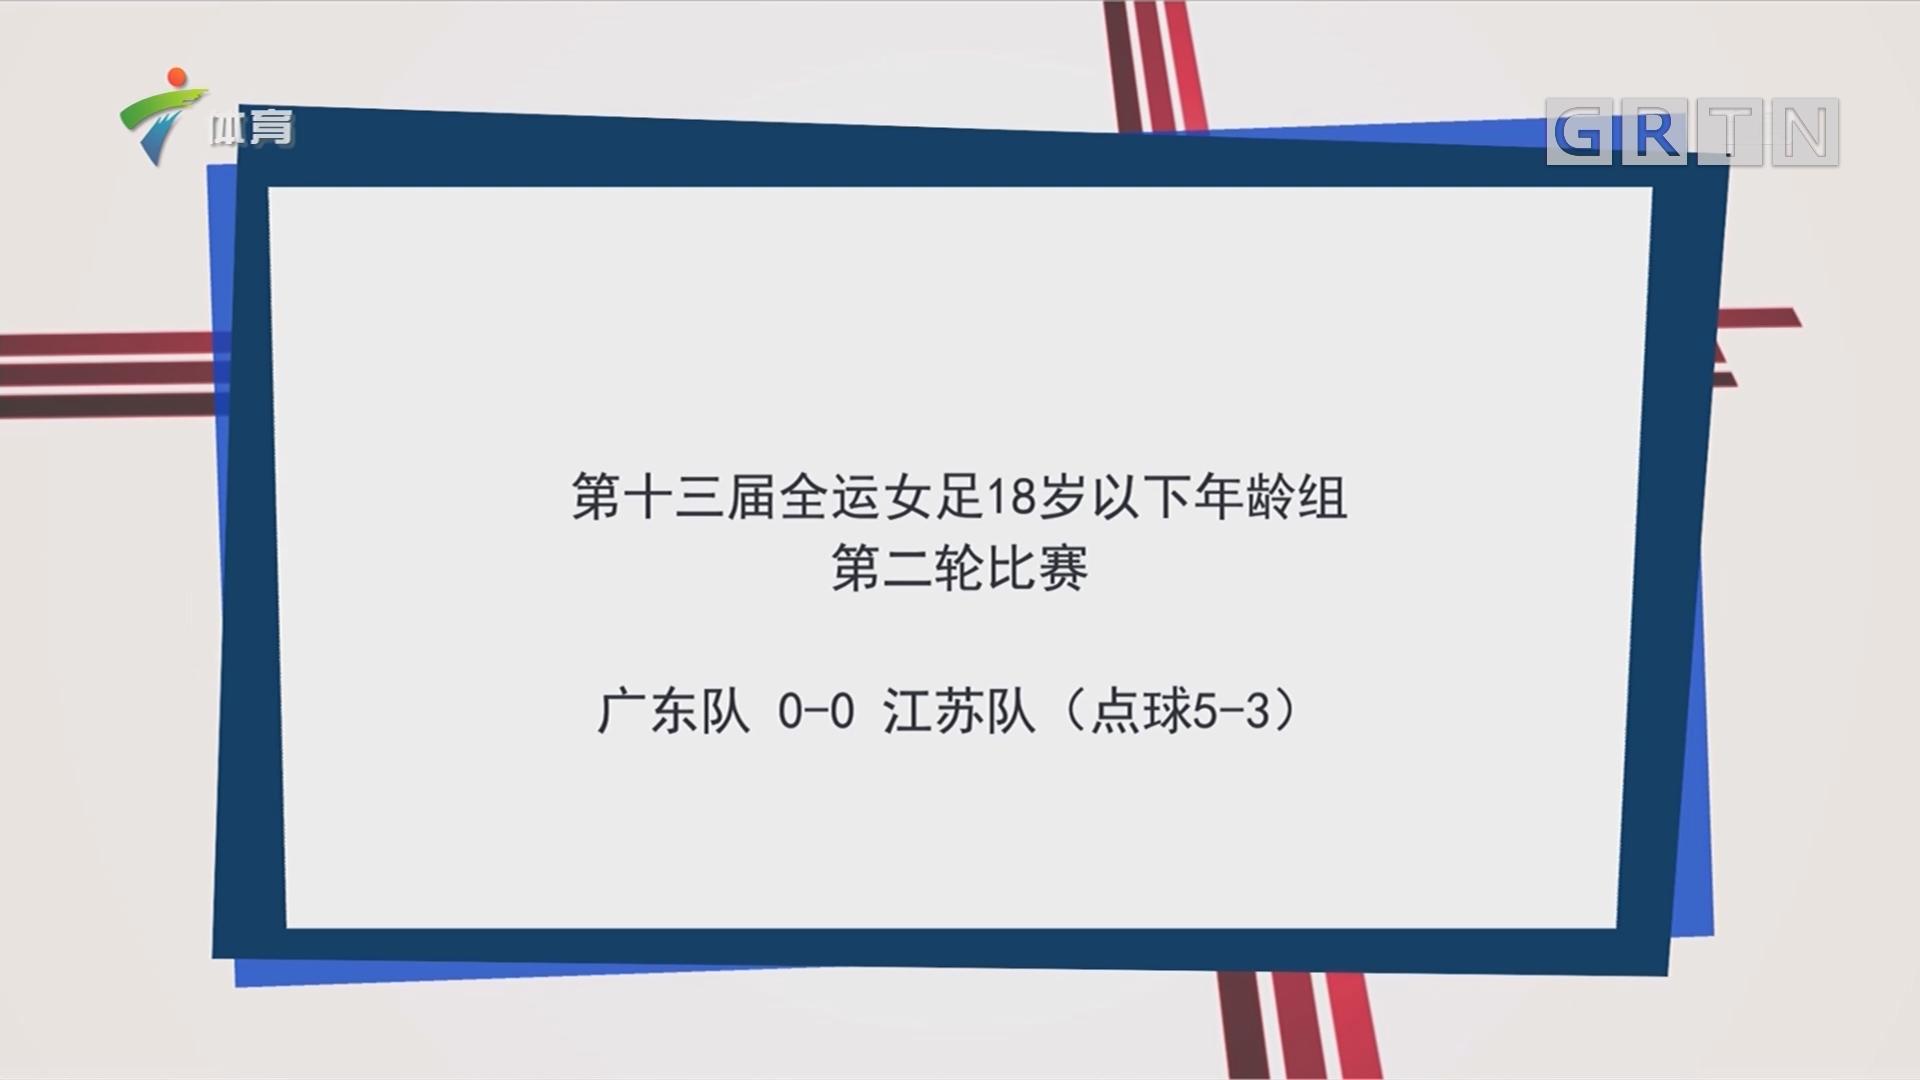 全运会女足18岁以下年龄组第二轮比赛 广东队点球获胜